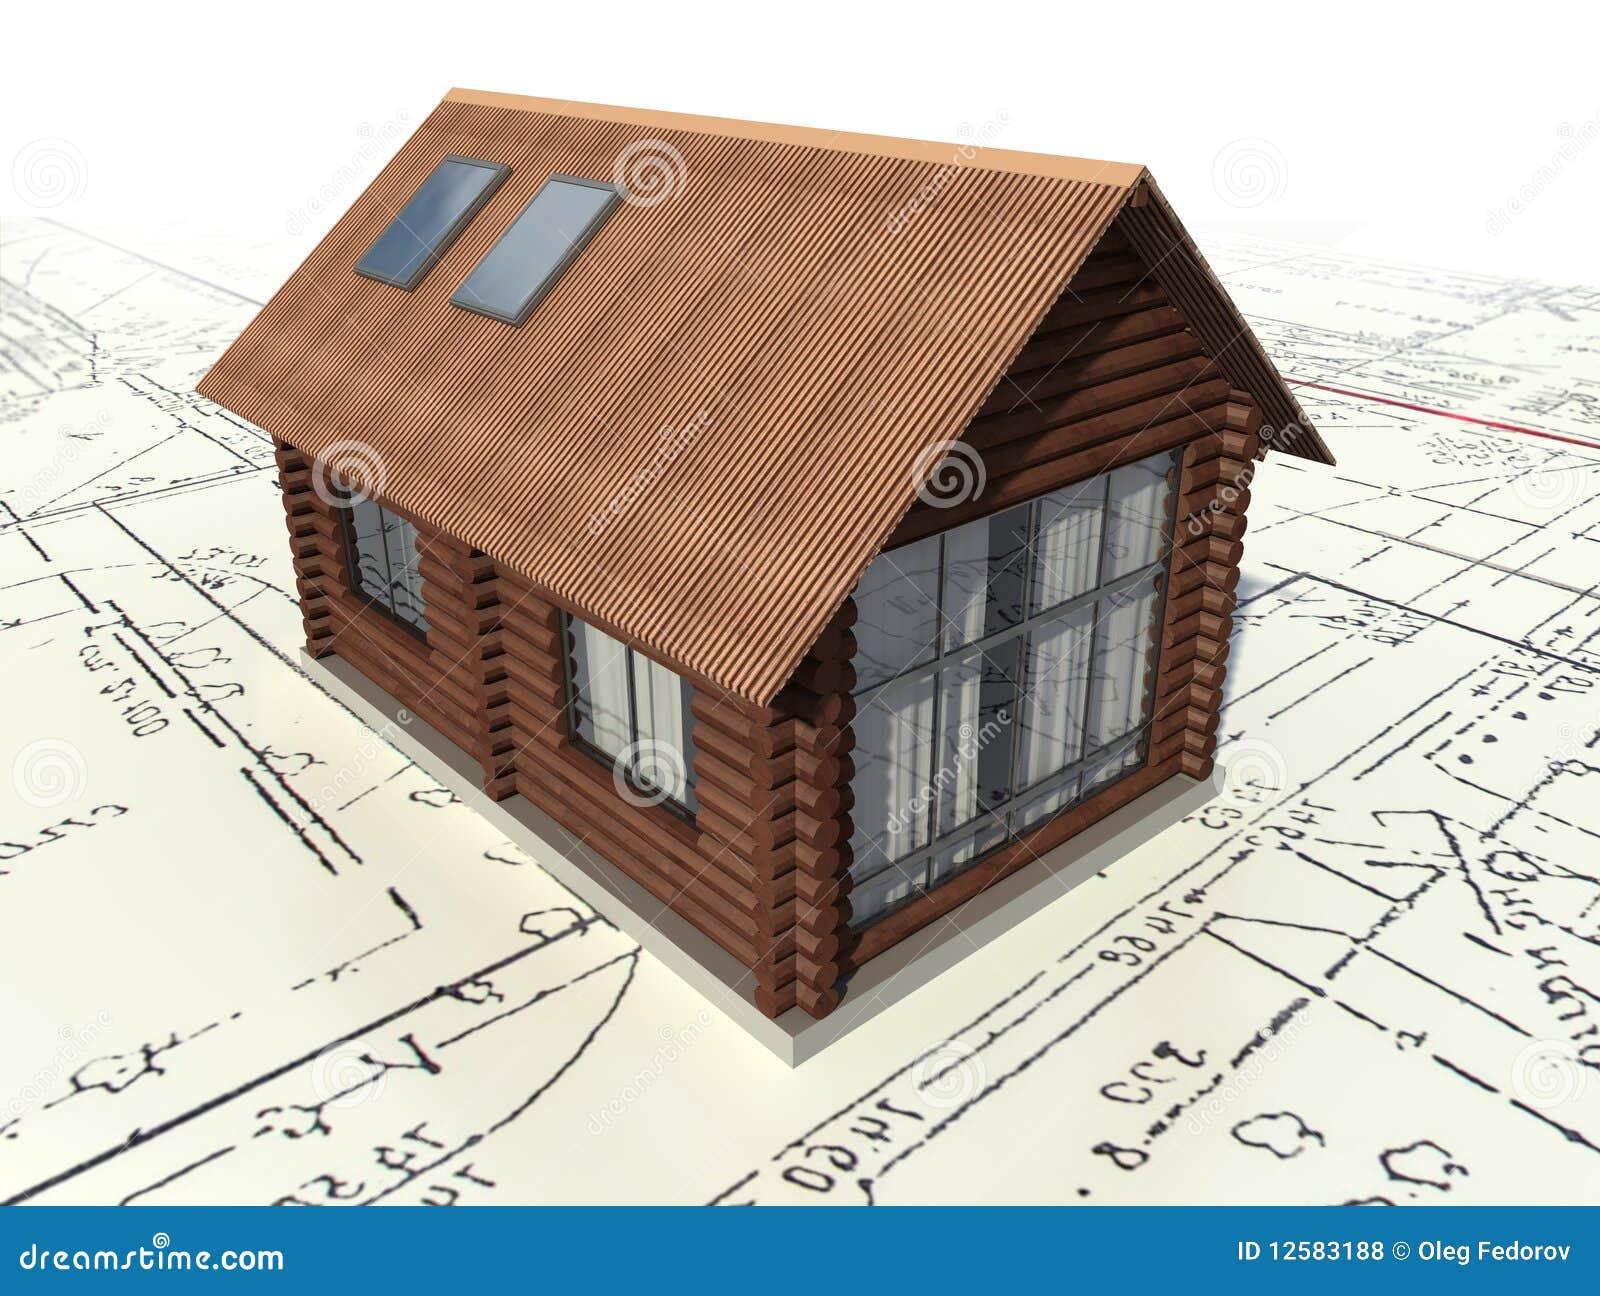 Progettazione Casa Programma : Casa di libro macchina di legno sul progetto pilota illustrazione